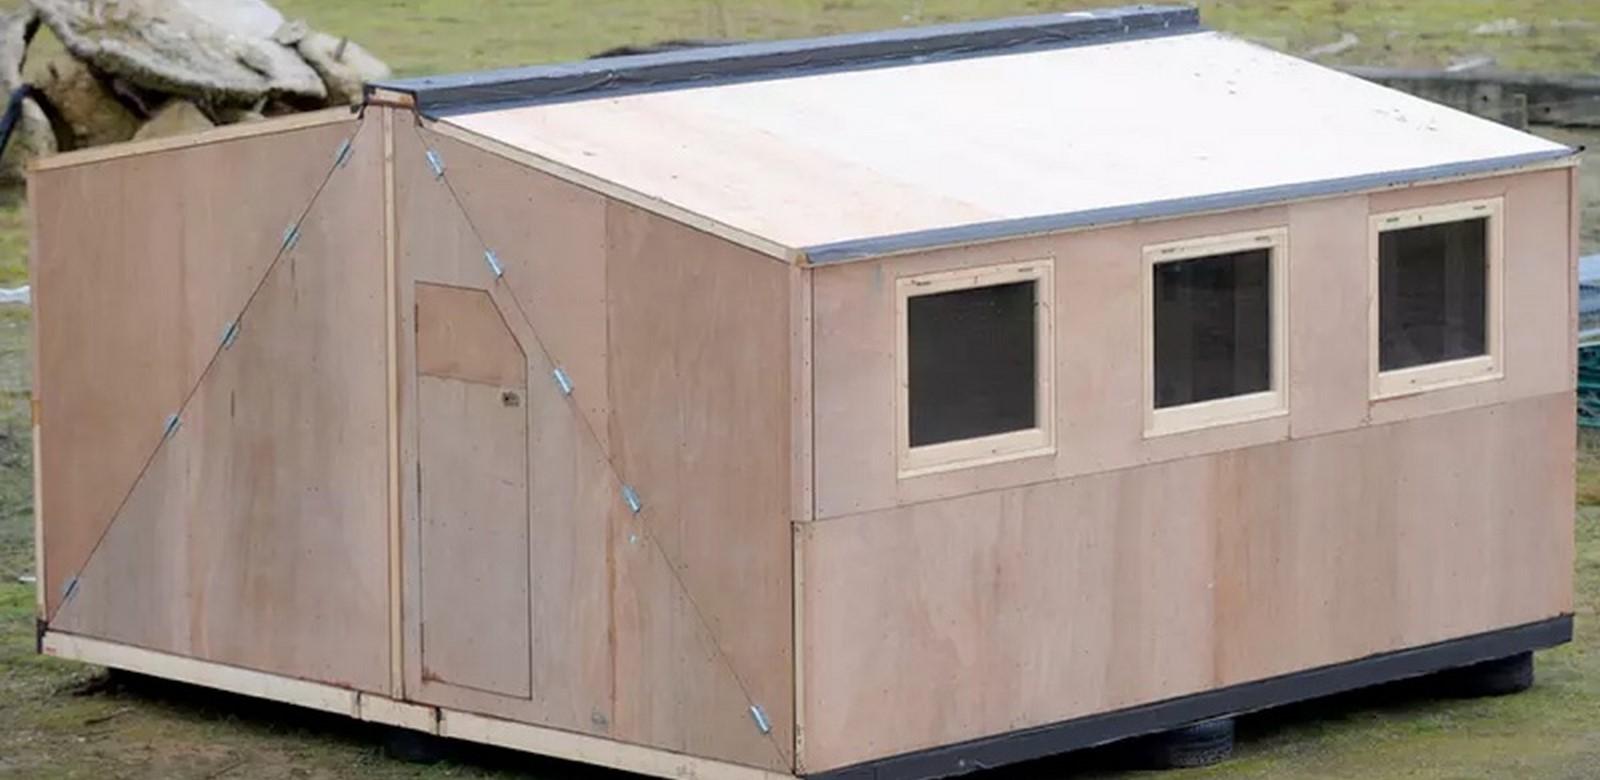 The HuSh Disaster Shelter - SHeet2